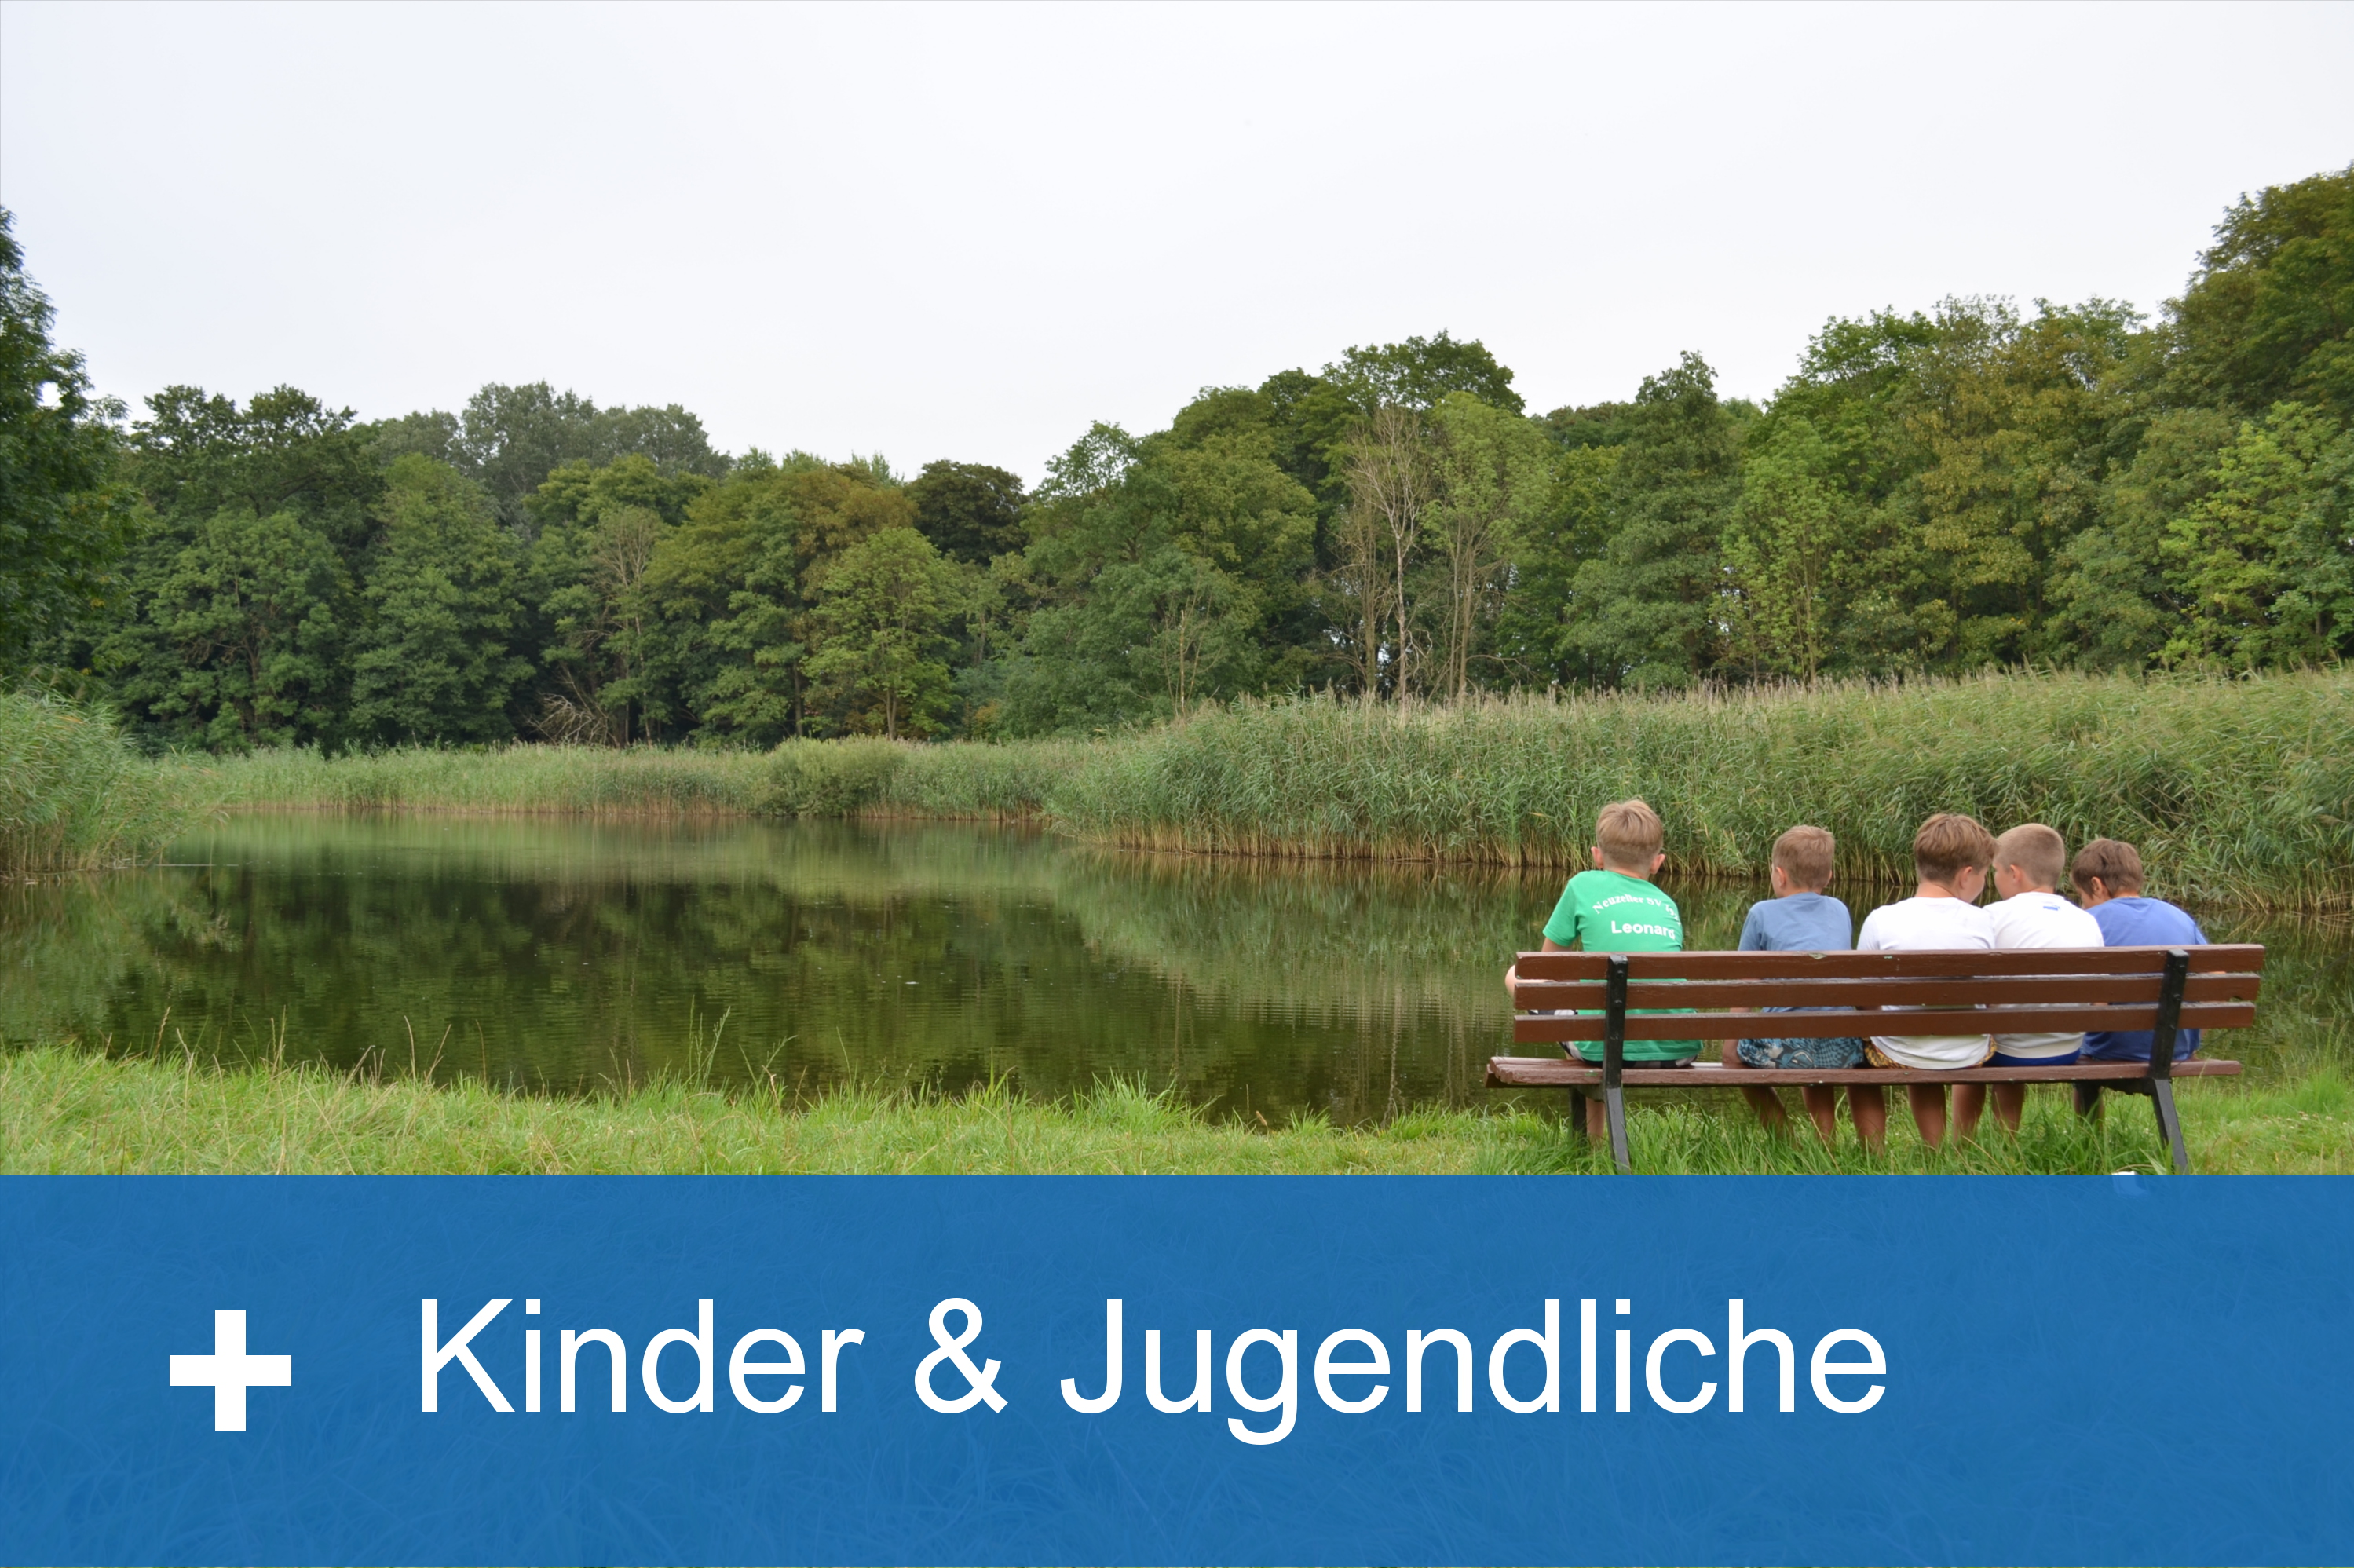 Kinder sitzen auf einer Bank am See